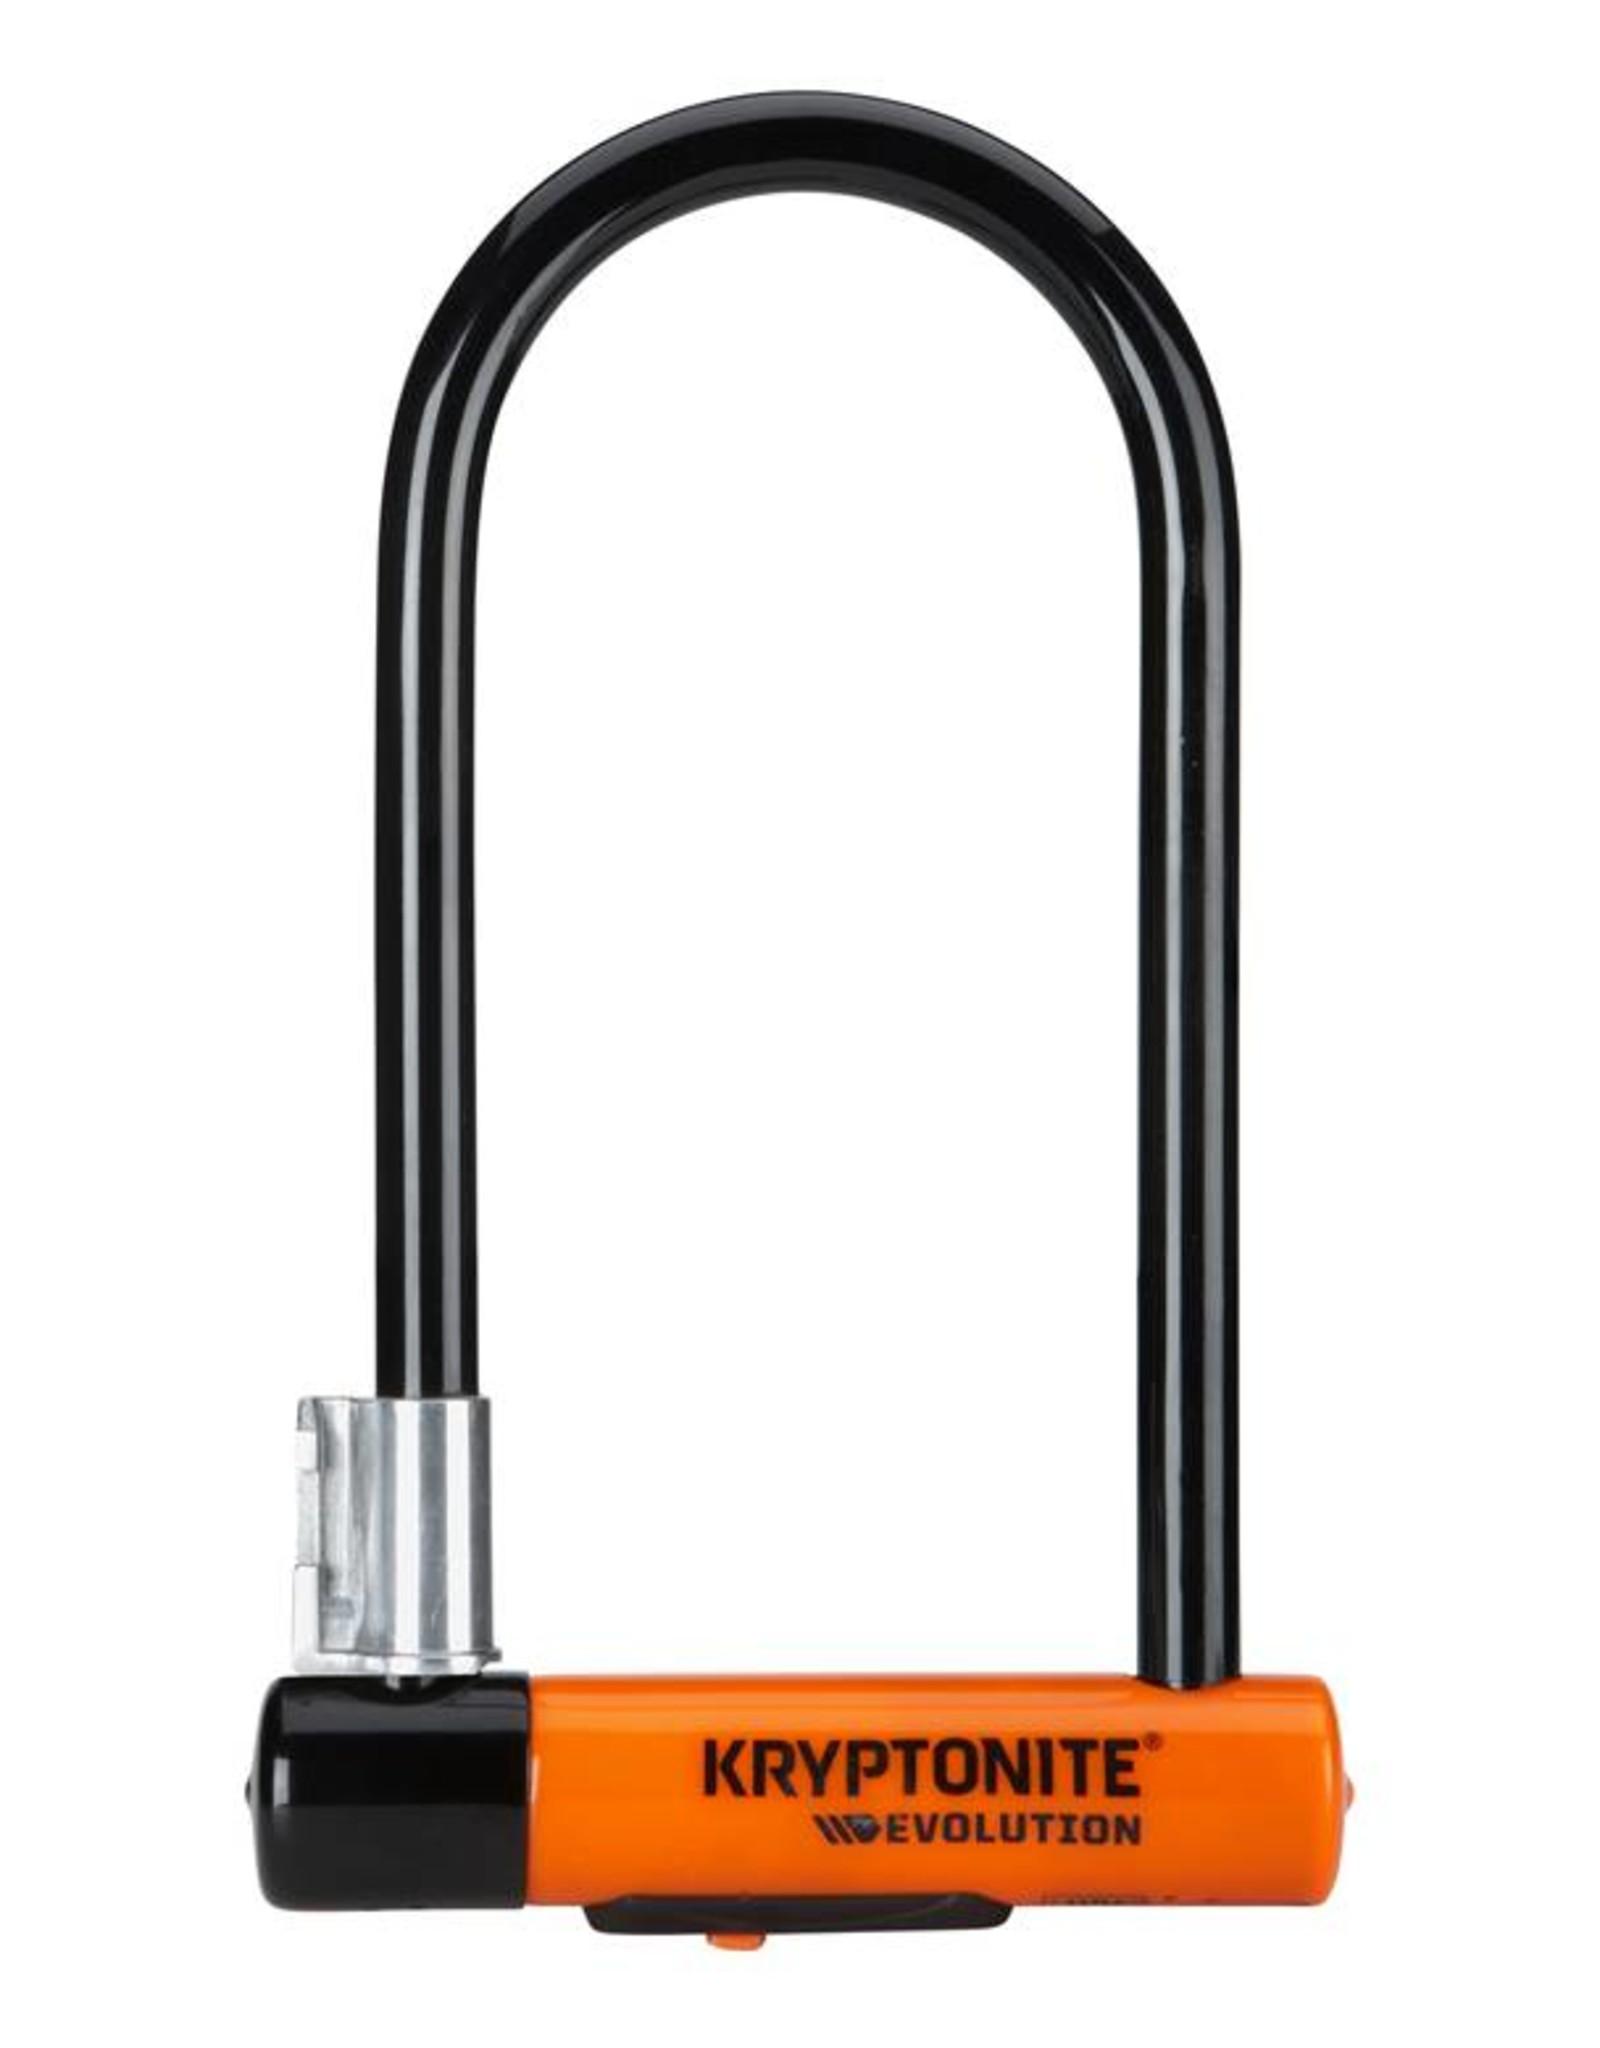 Kryptonite Evolution STD Lock